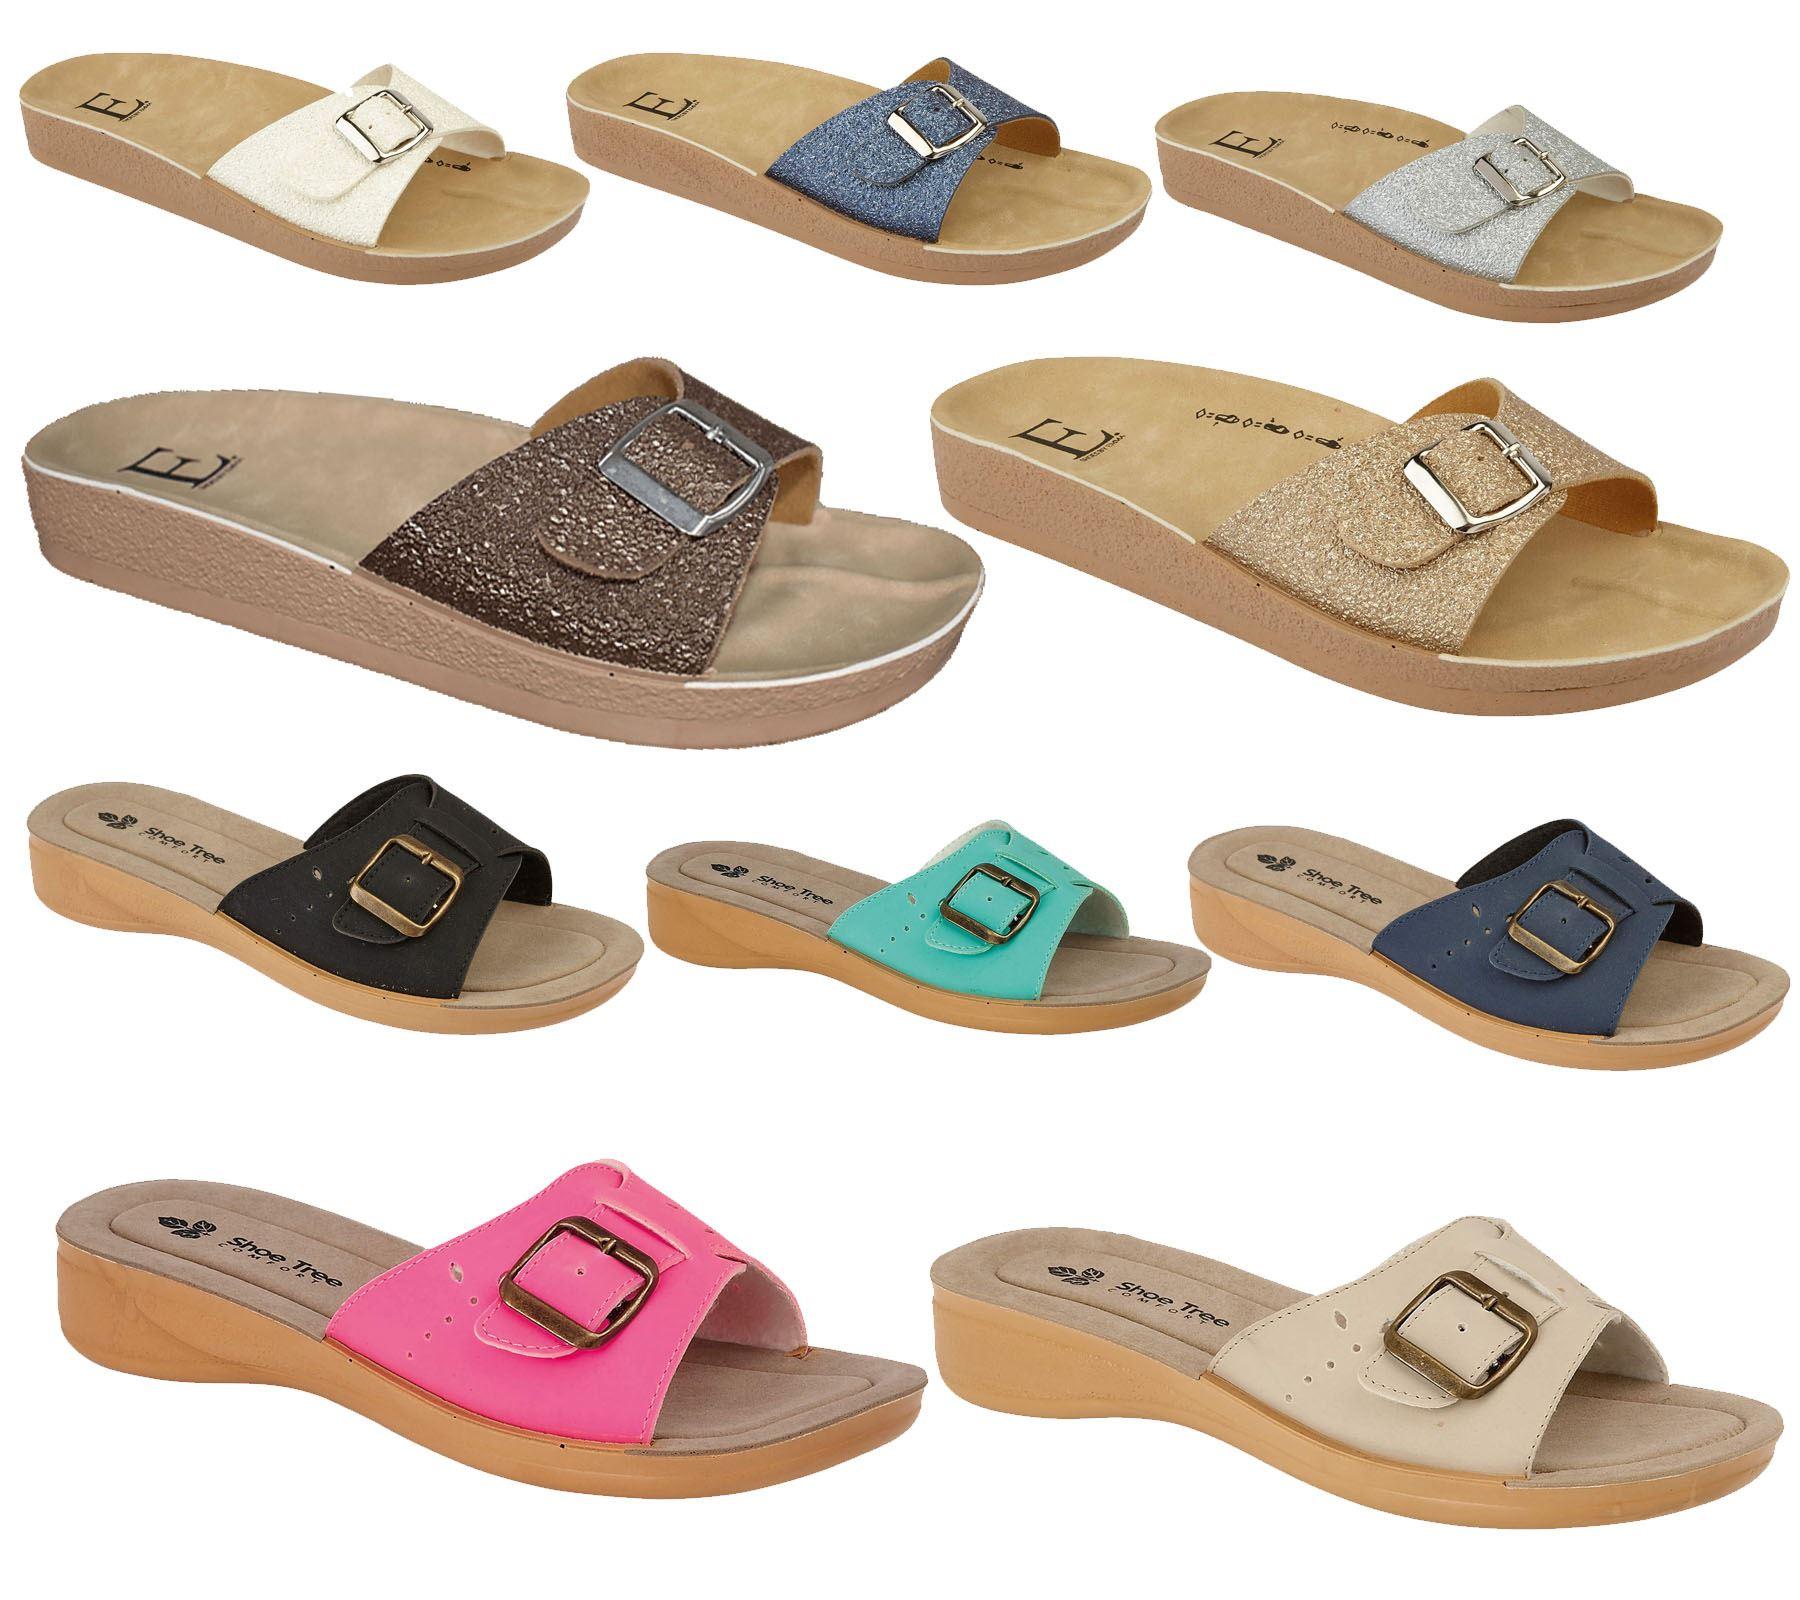 Sandali da spiaggia da uomo estivi a doppio scopo casual